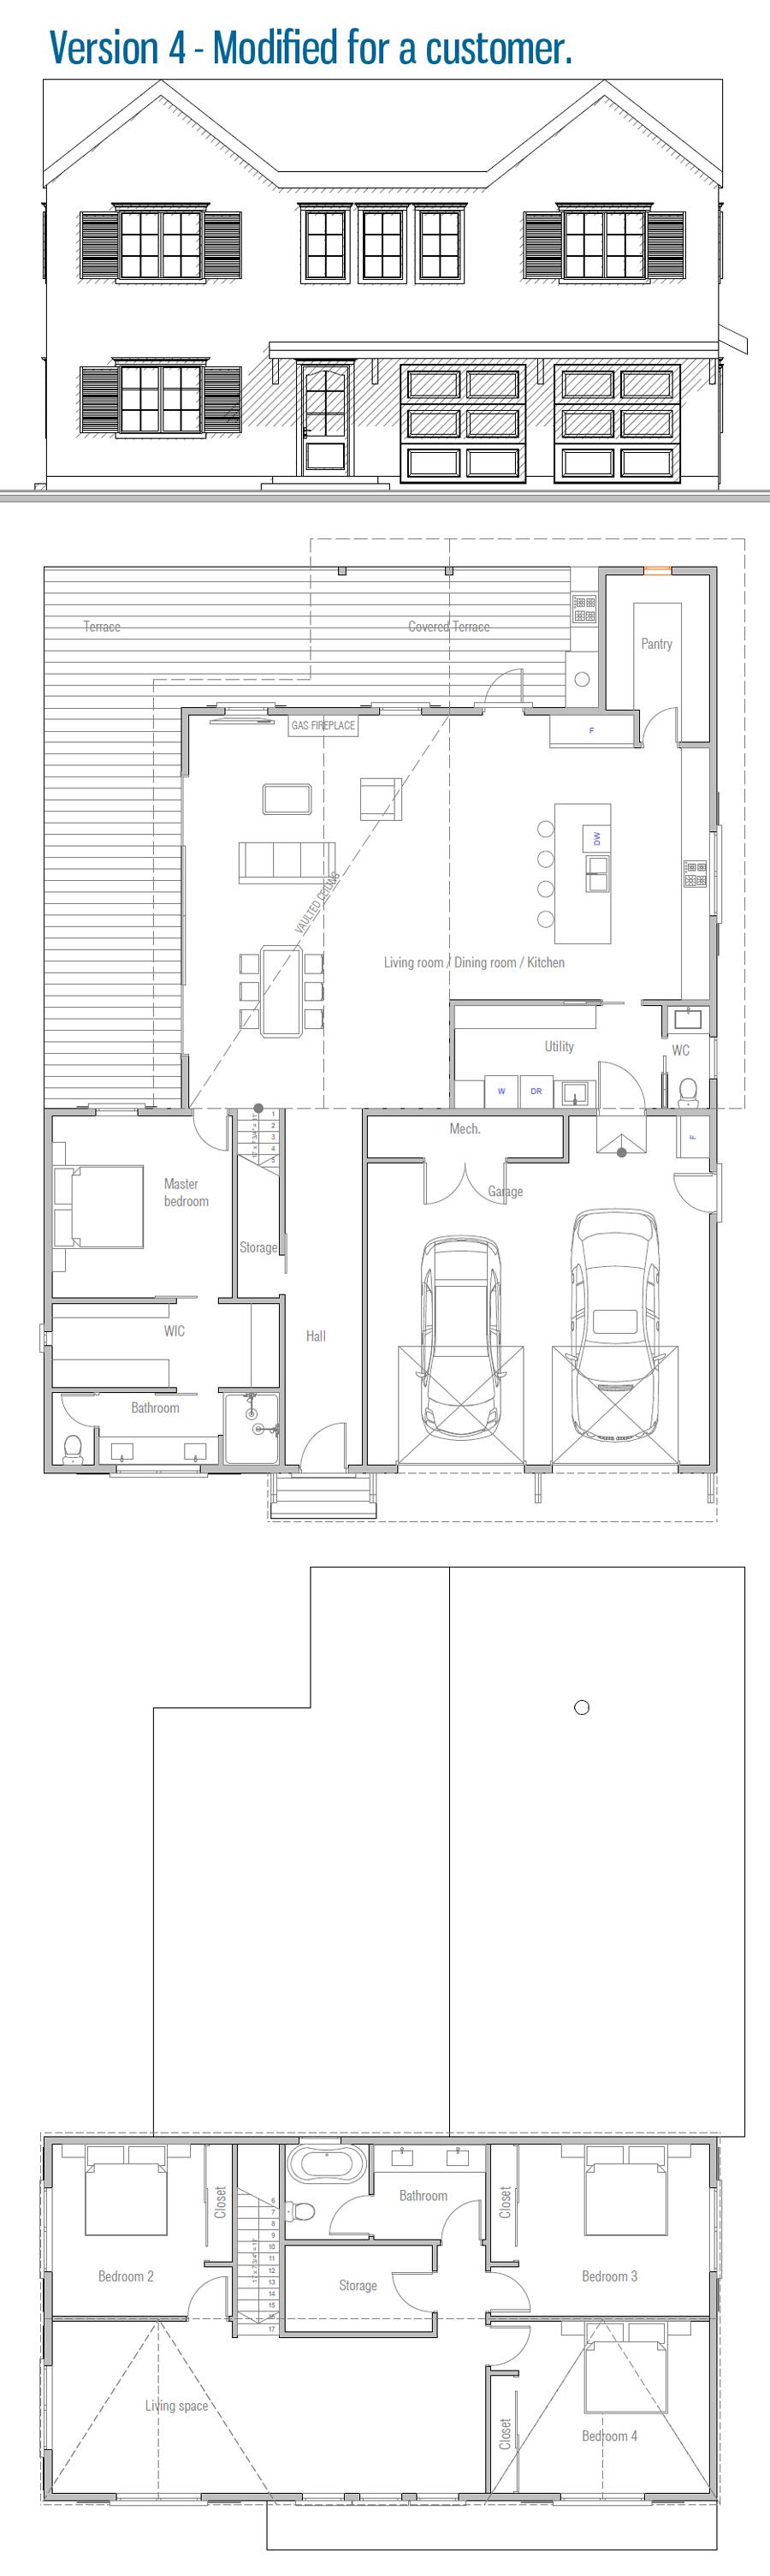 house-plans-2021_30_CH413_CH664_V4.jpg